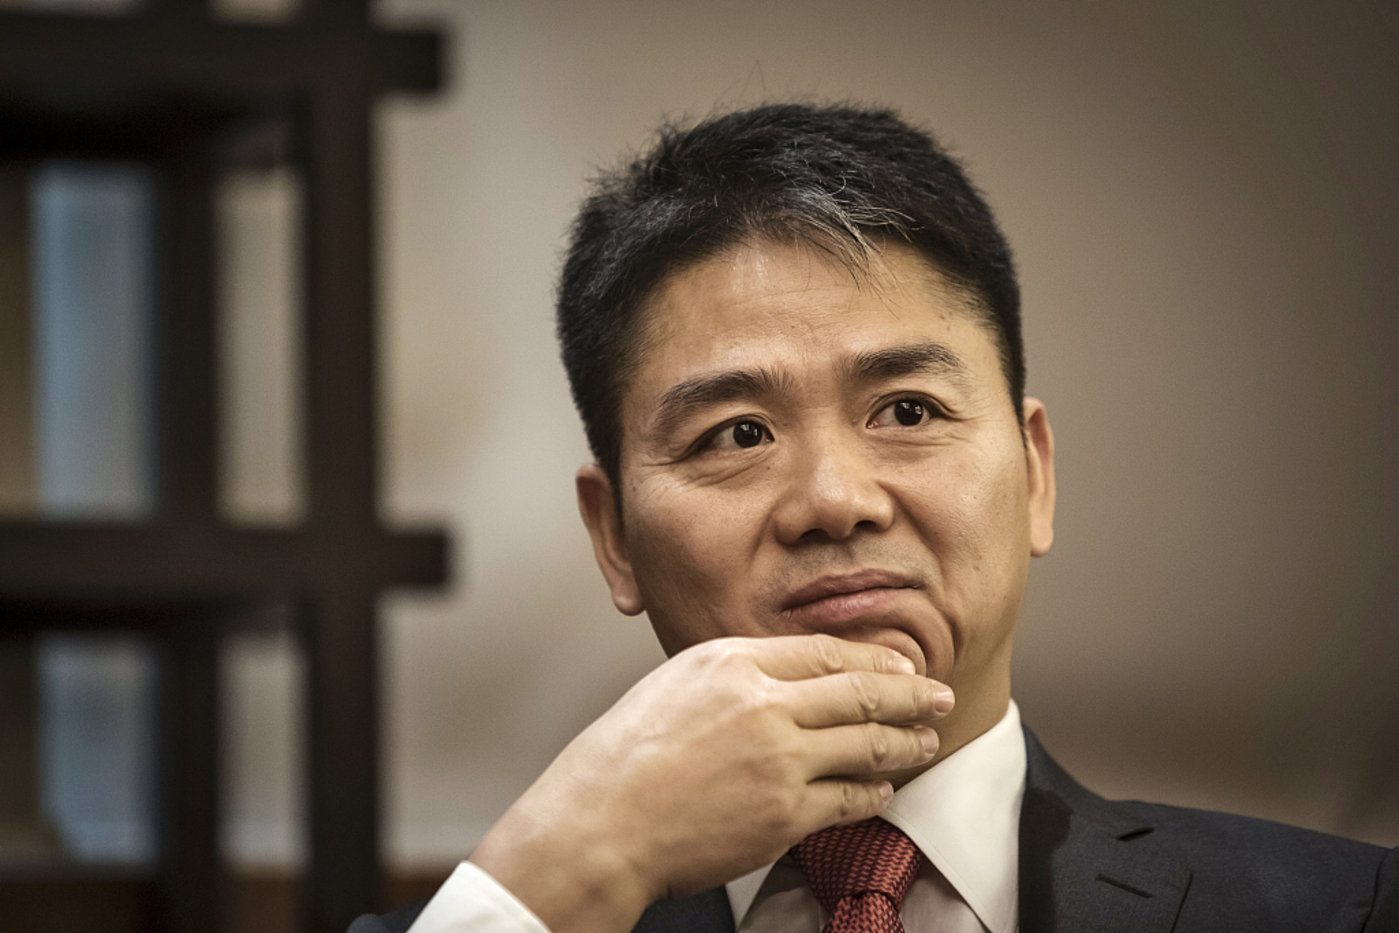 刘强东,即将斩获第四个IPO:估值2500亿